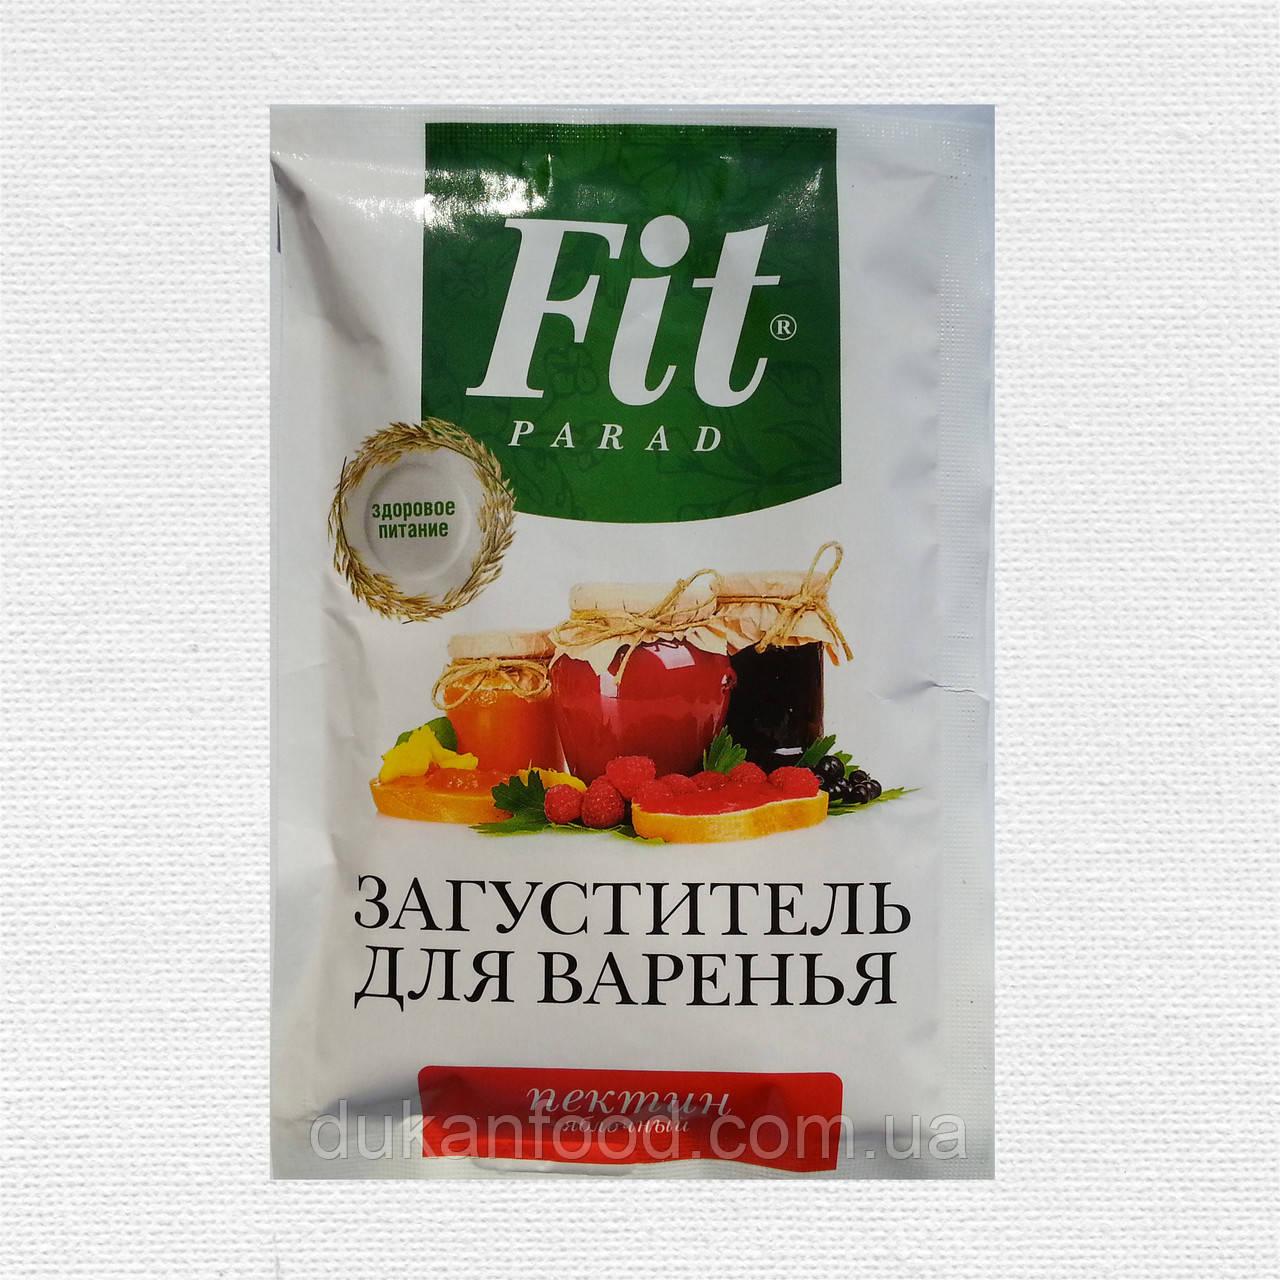 продукты для диеты дюкана купить в зеленограде